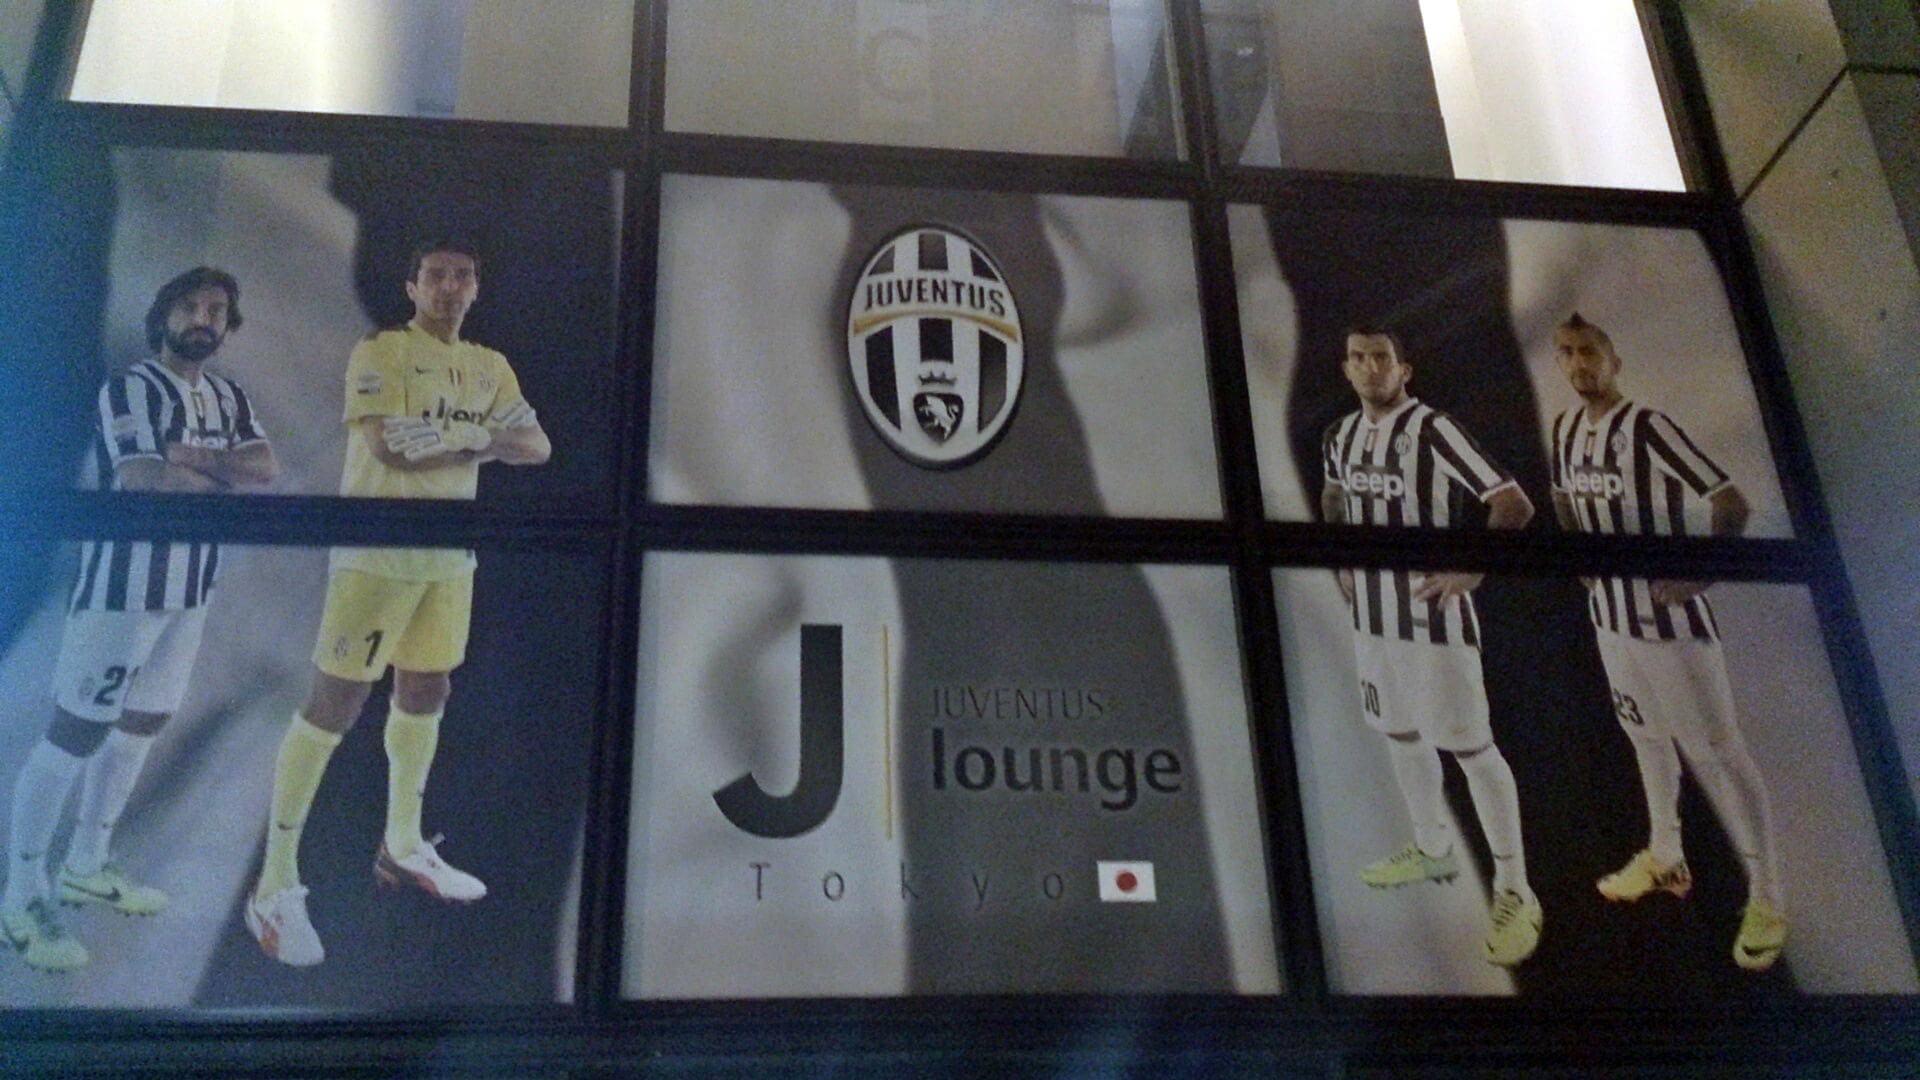 JUVENTUS Lounge Tokyo